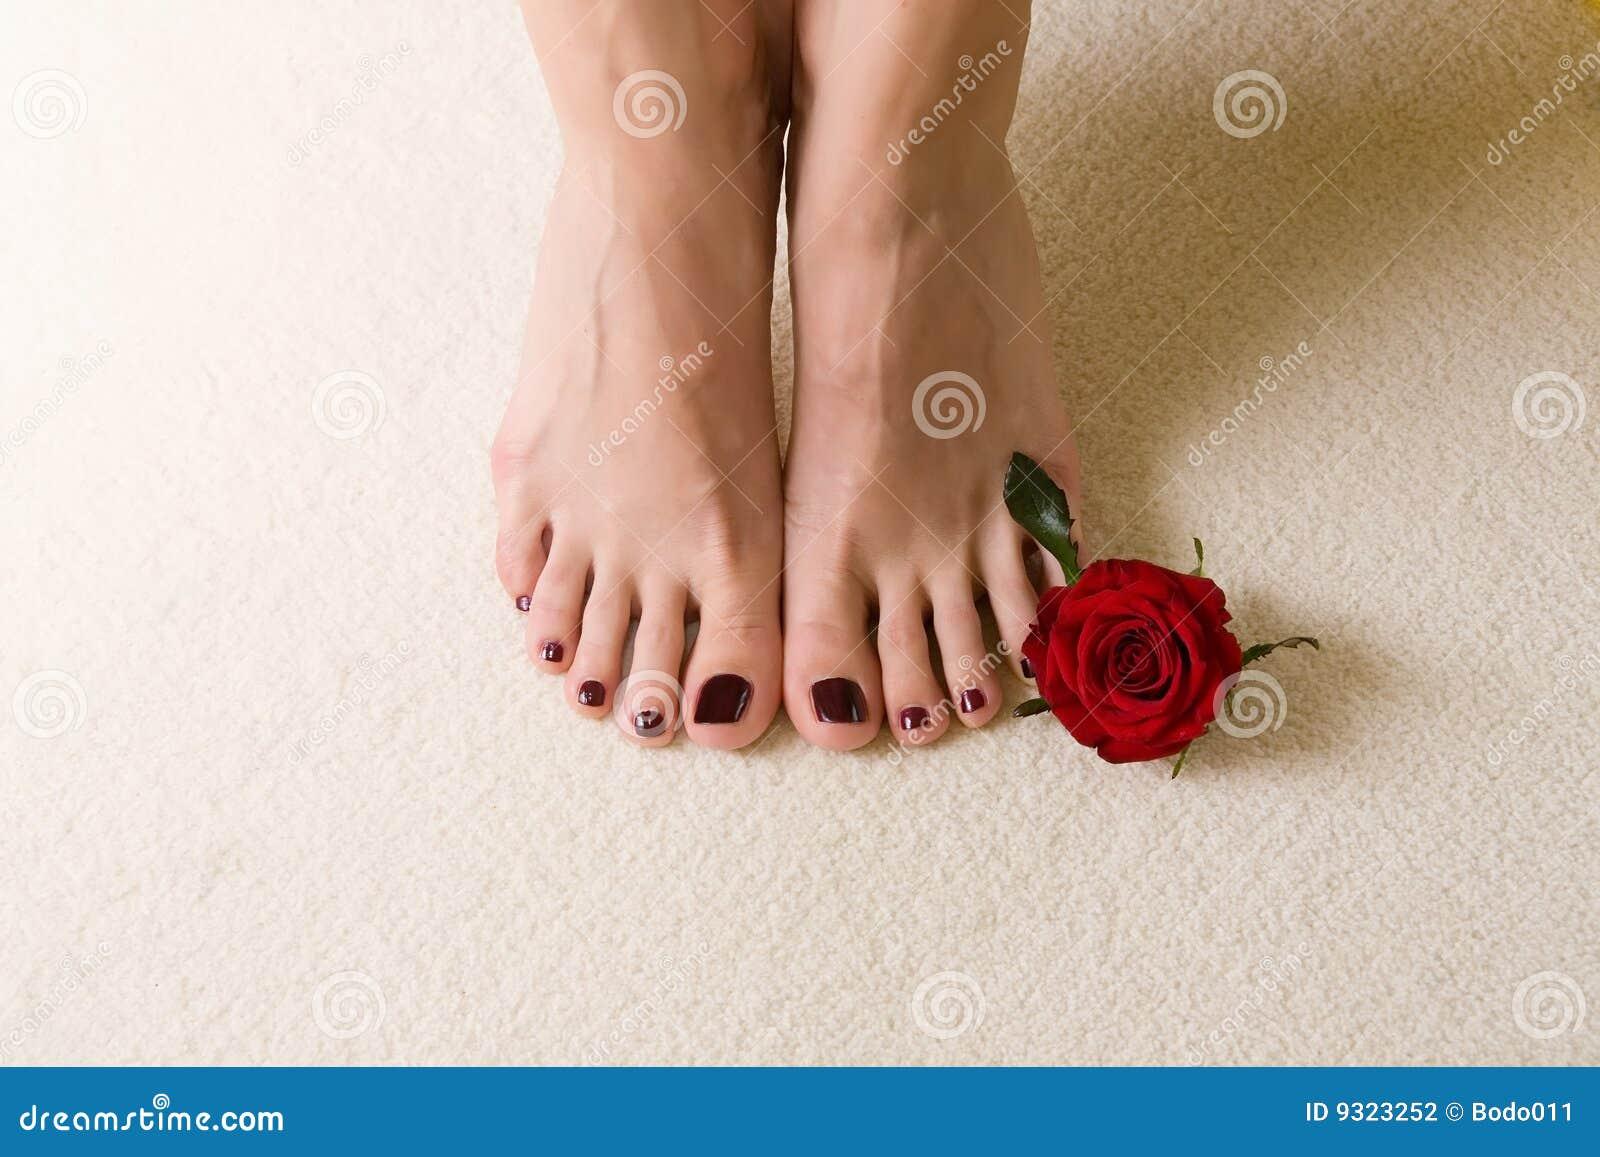 travieso dedos de los pies